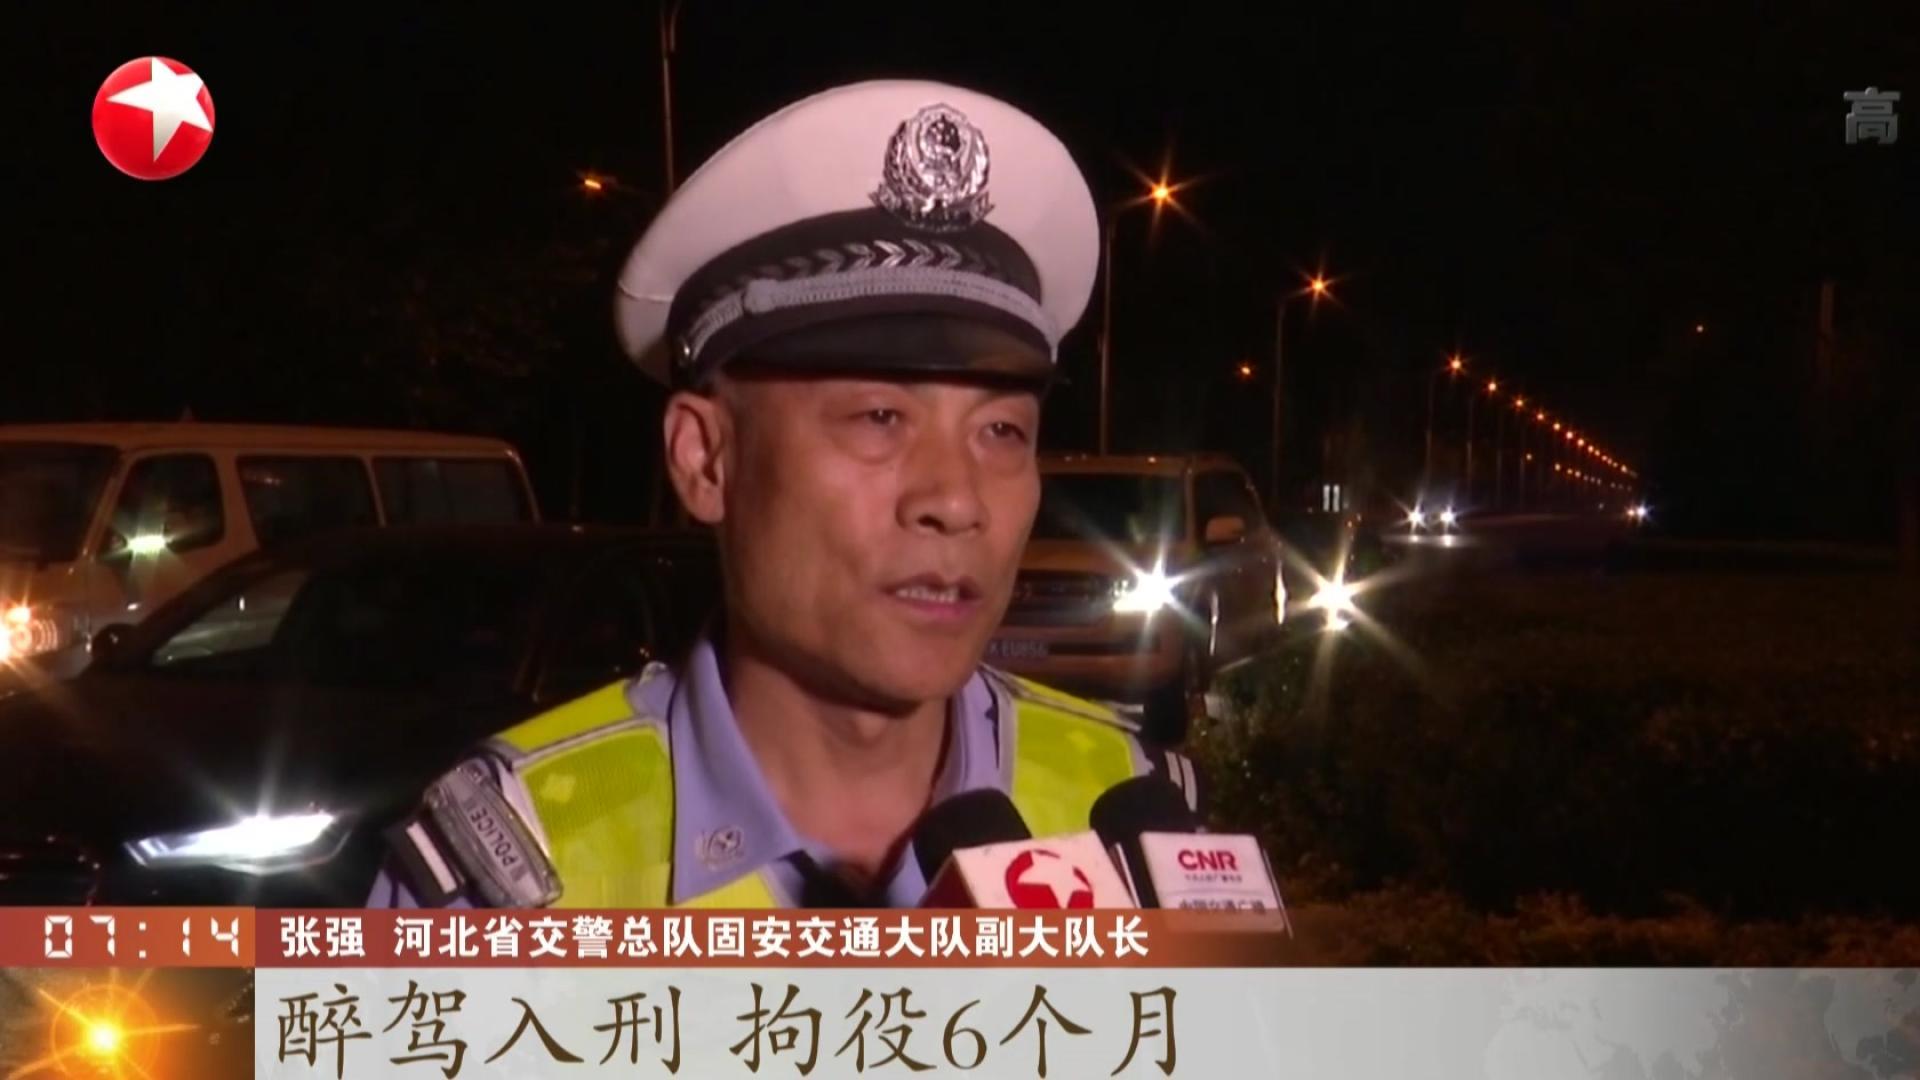 公安部交管局:全国周末夜查统一行动正式开始